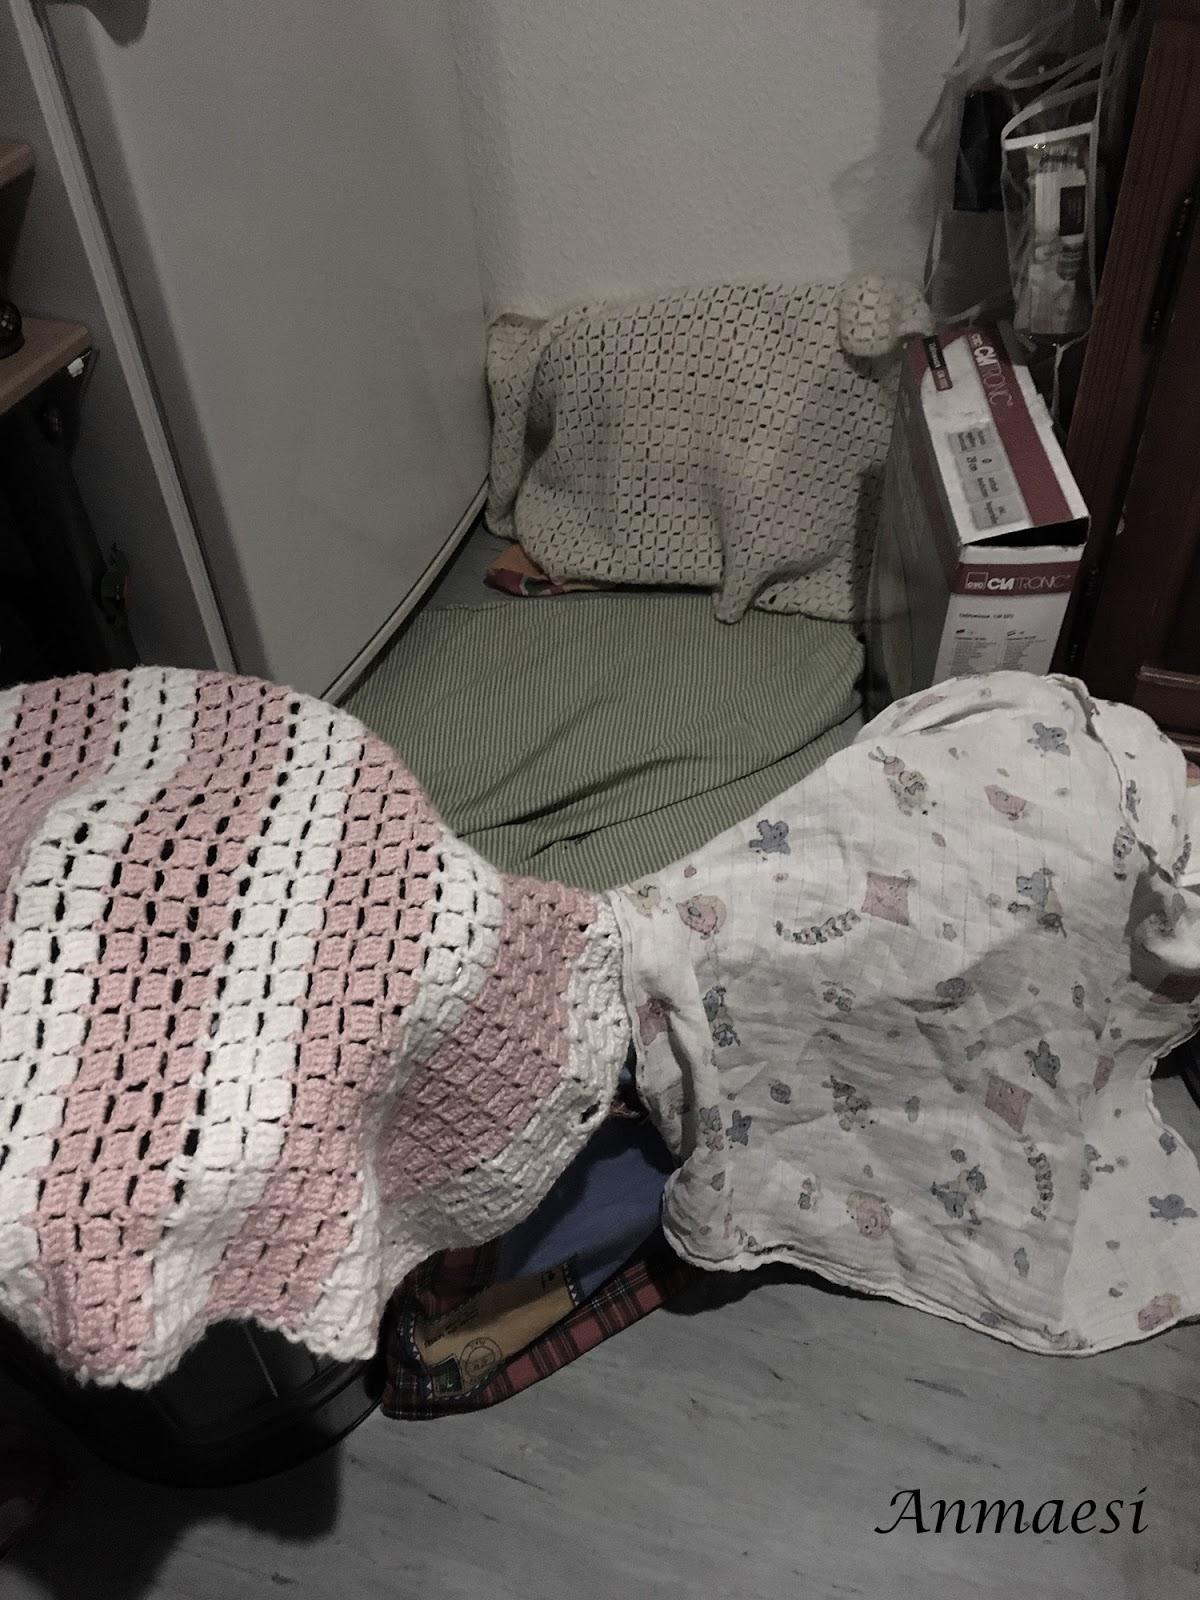 Abends Hat Krümel Im Wohnzimmer Ihr Halbes Kinderzimmer Aufgebaut. Als Ich  Dann Zum Kochen In Die Küche Ging, Zog Sie Direkt Hinterher (macht Sie  Jedes Mal, ...